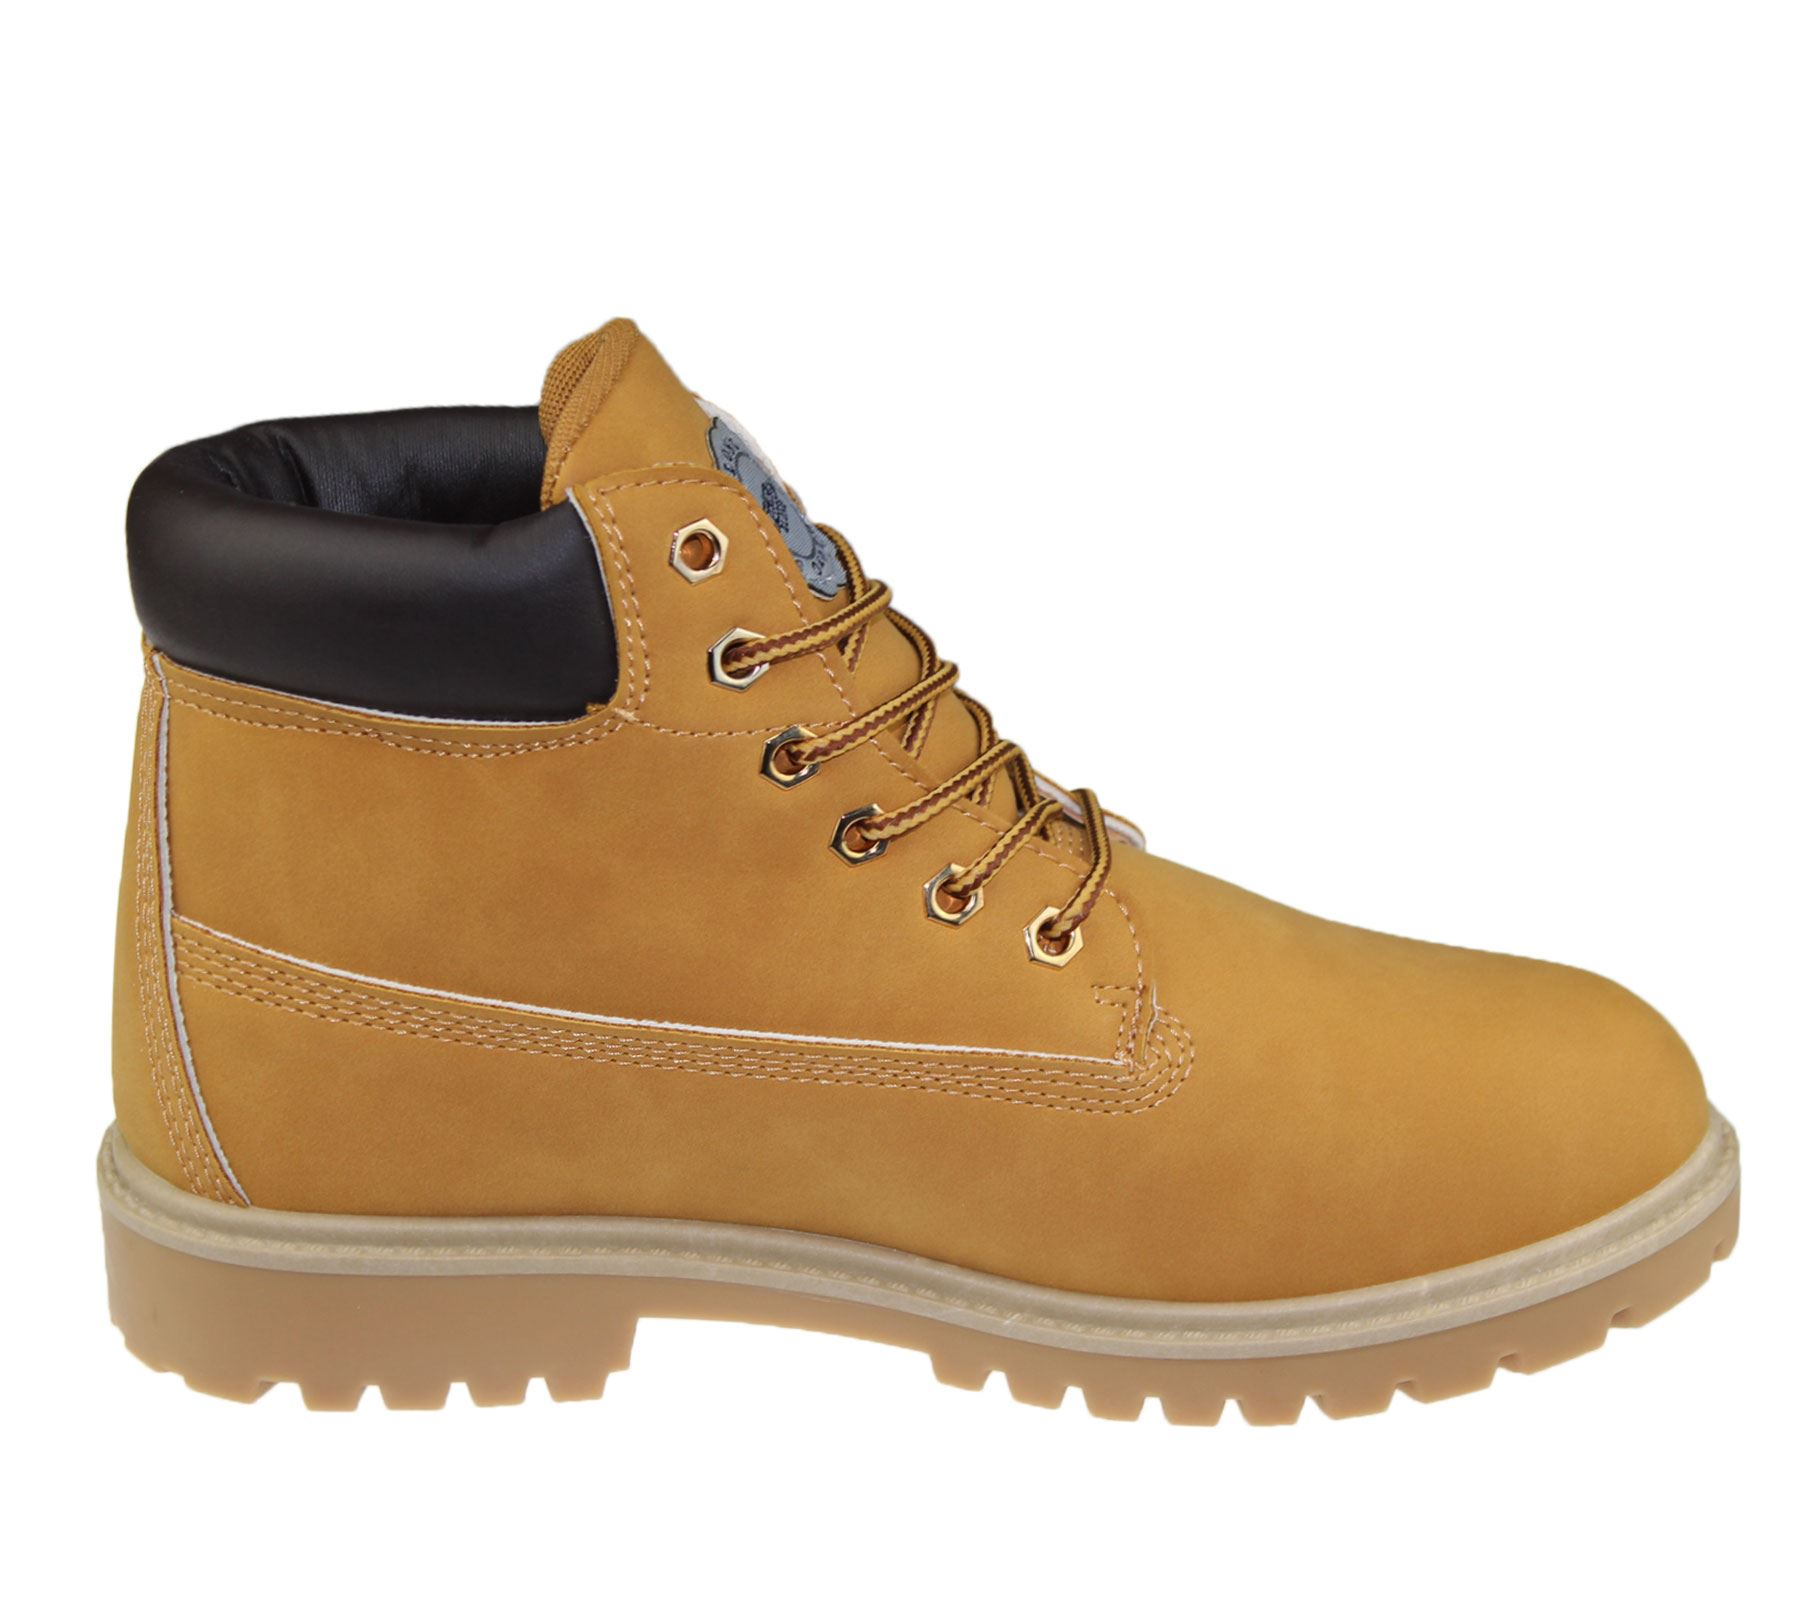 mens boots winter warm combat hiking work high top desert